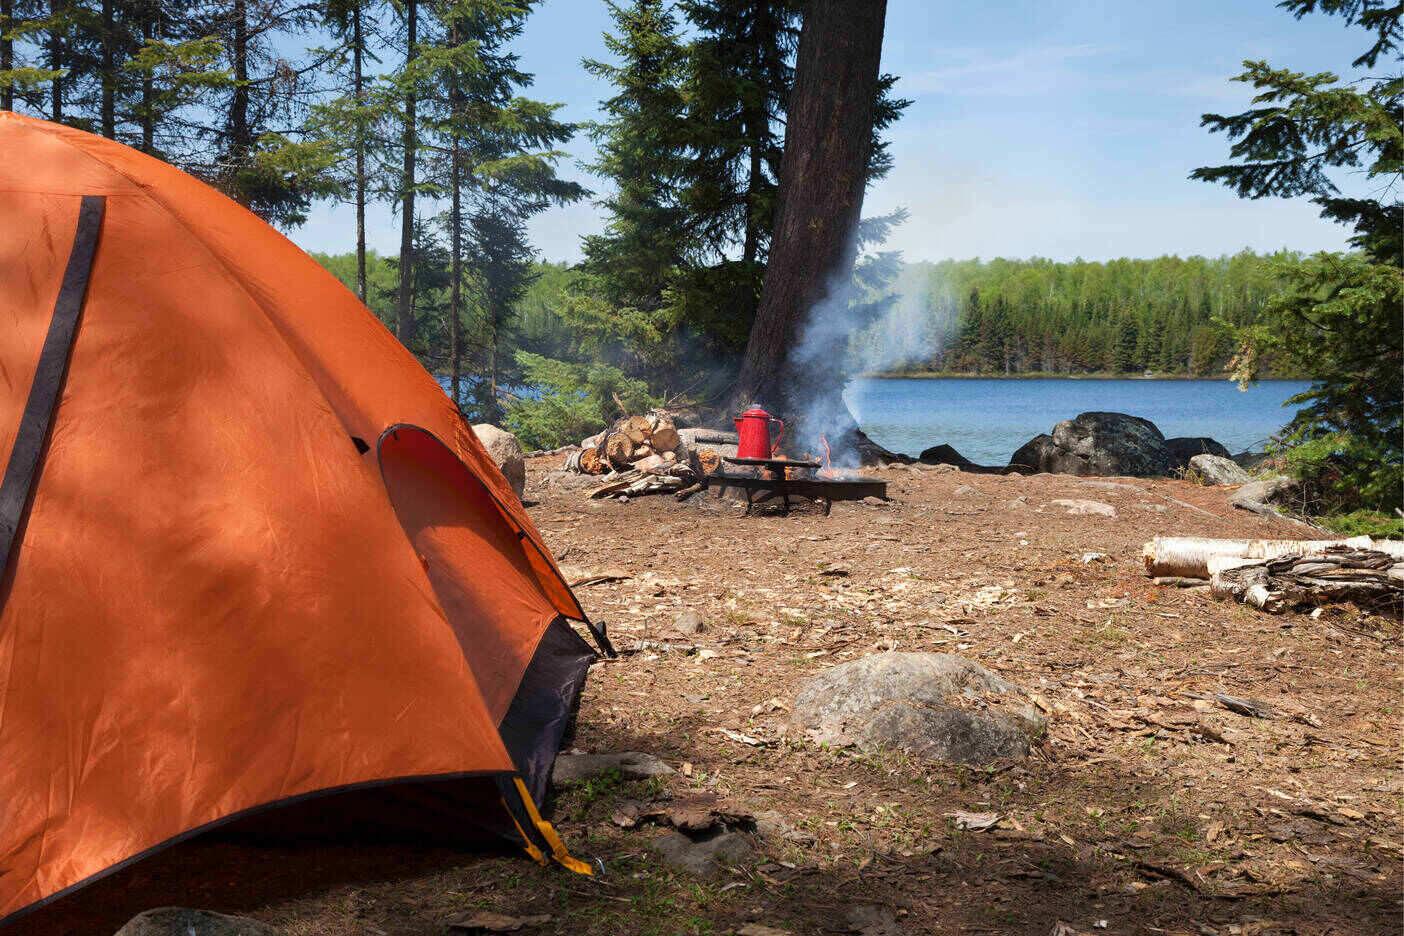 Zelt am See mit Lagerfeuer